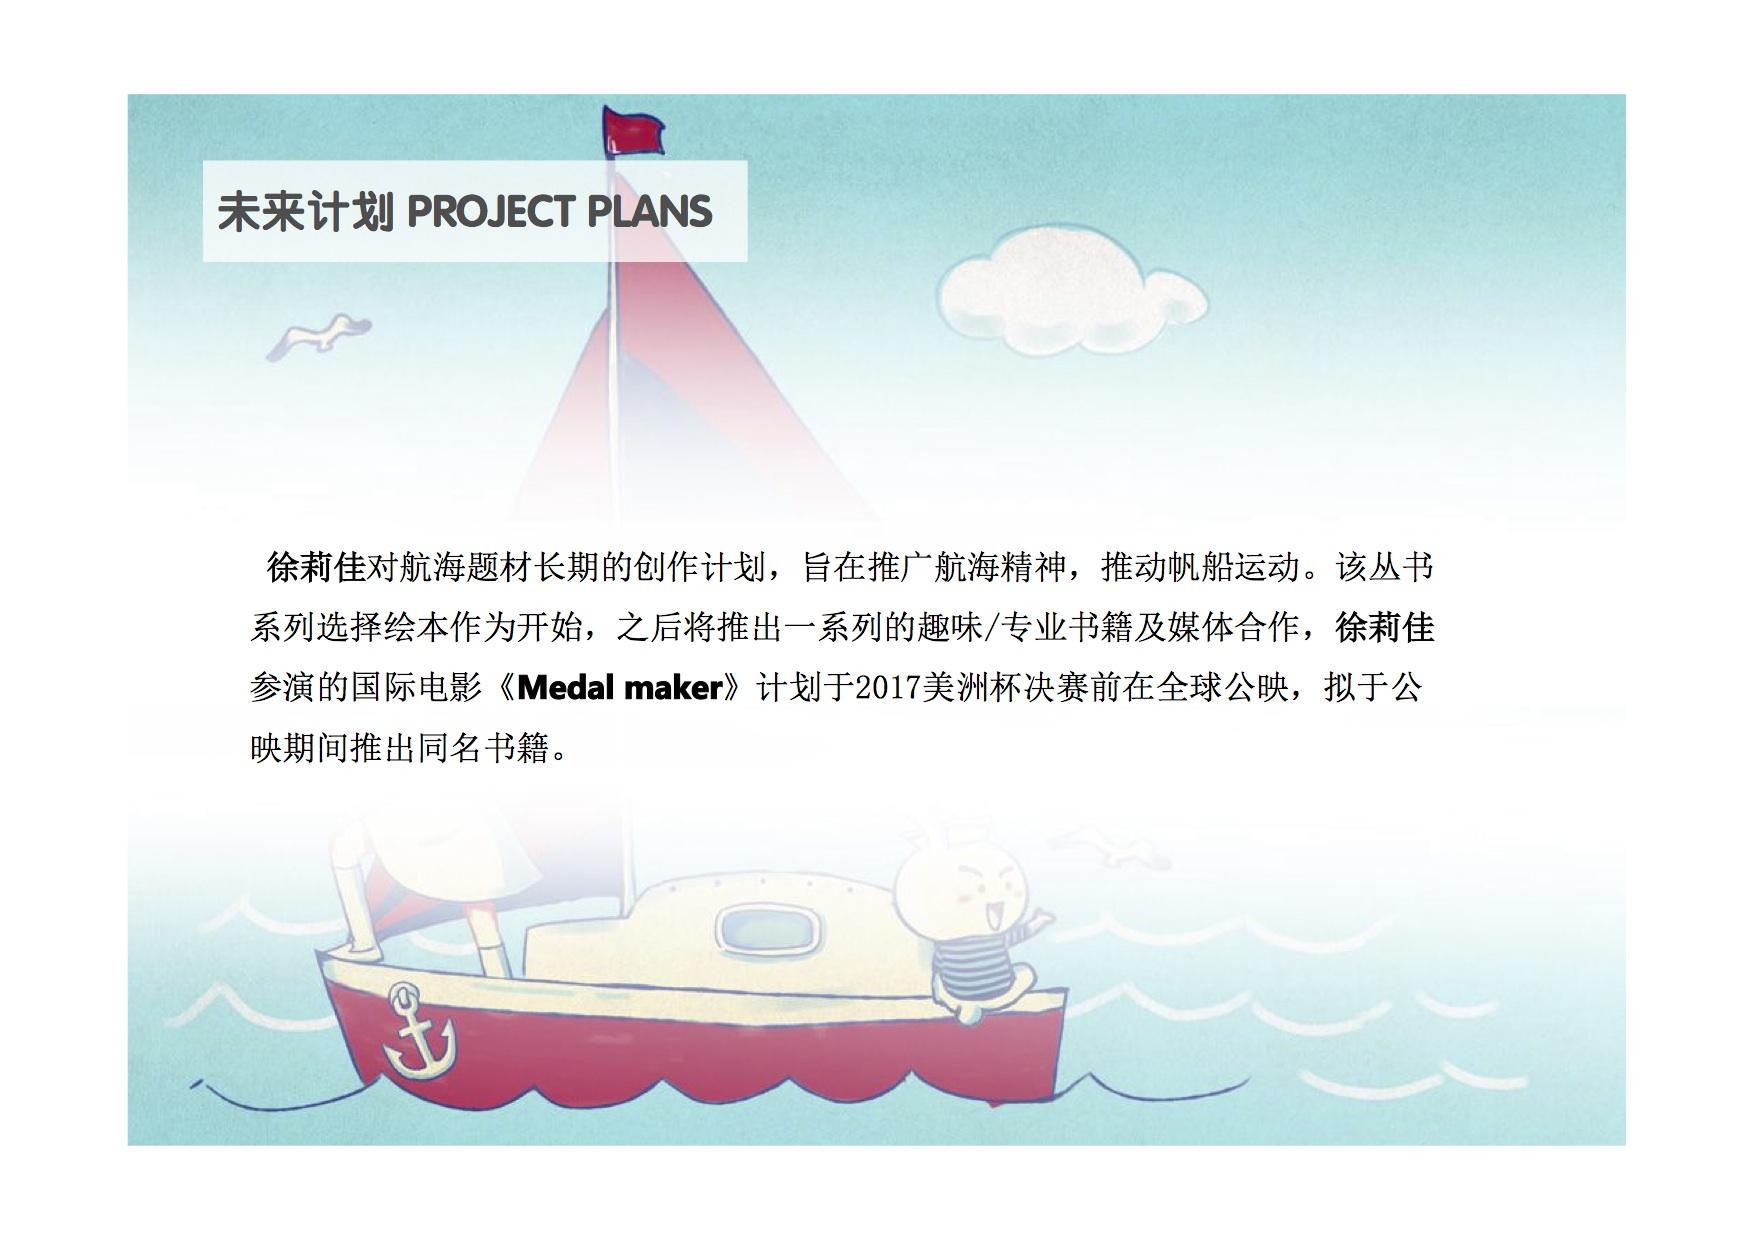 徐莉佳,帆船 一起来支持徐莉佳帆船漫画系列书 绘本帆船创作企划案26.jpg